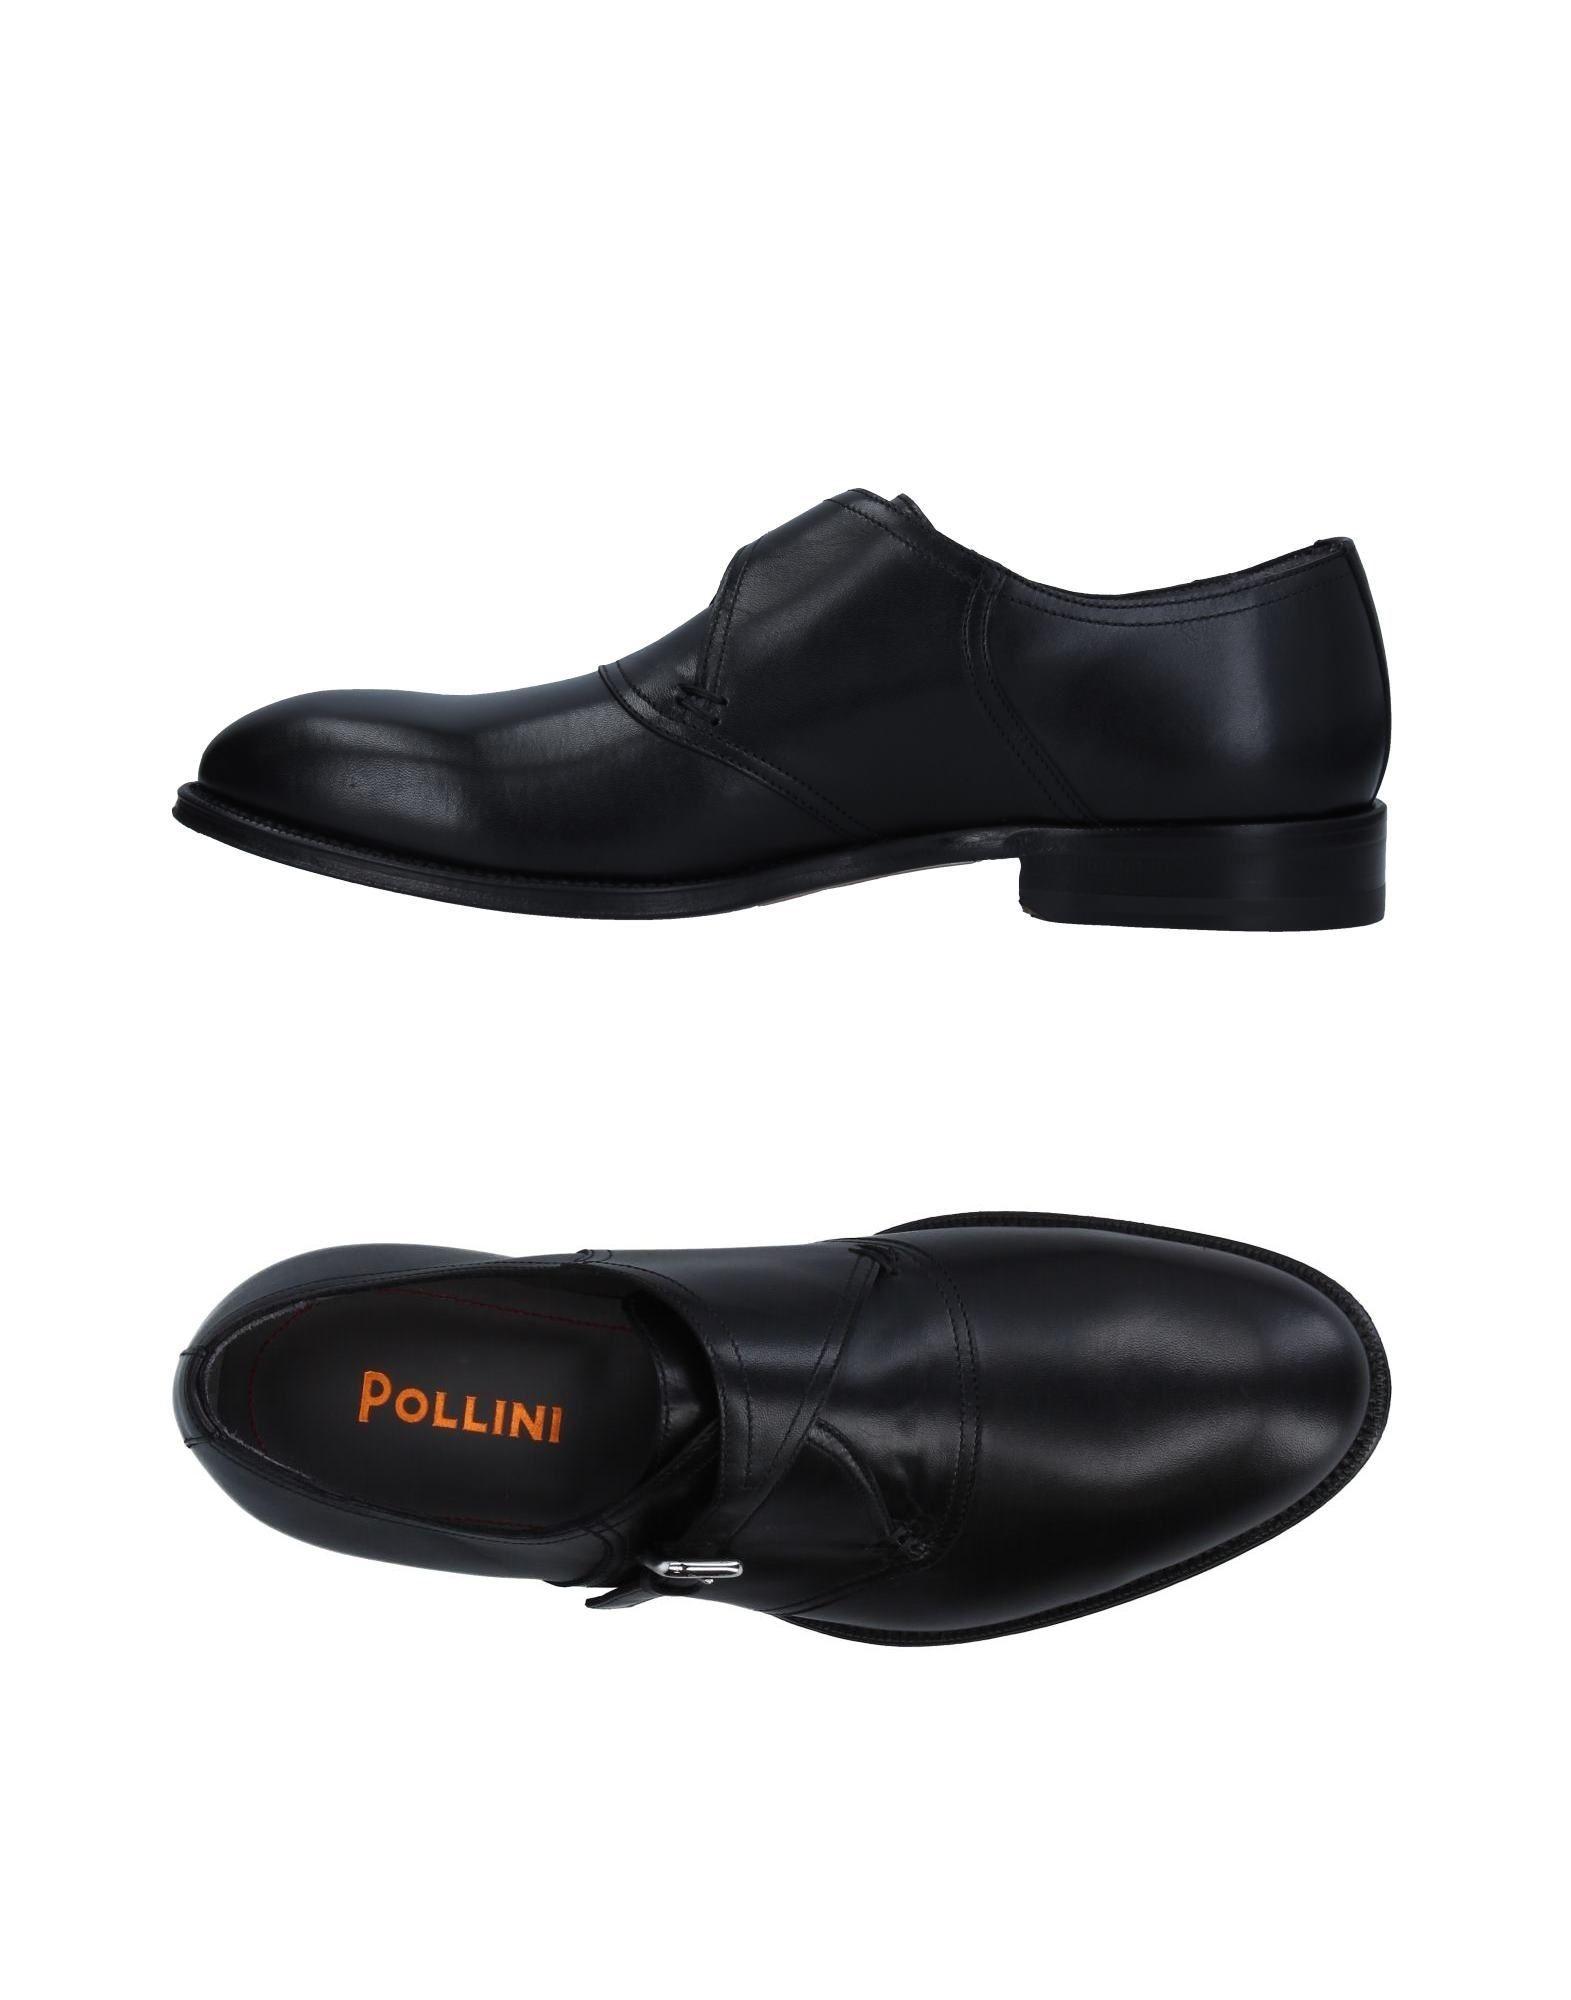 Pollini es Mokassins Herren Gutes Preis-Leistungs-Verhältnis, es Pollini lohnt sich,Billig-3037 7656d0